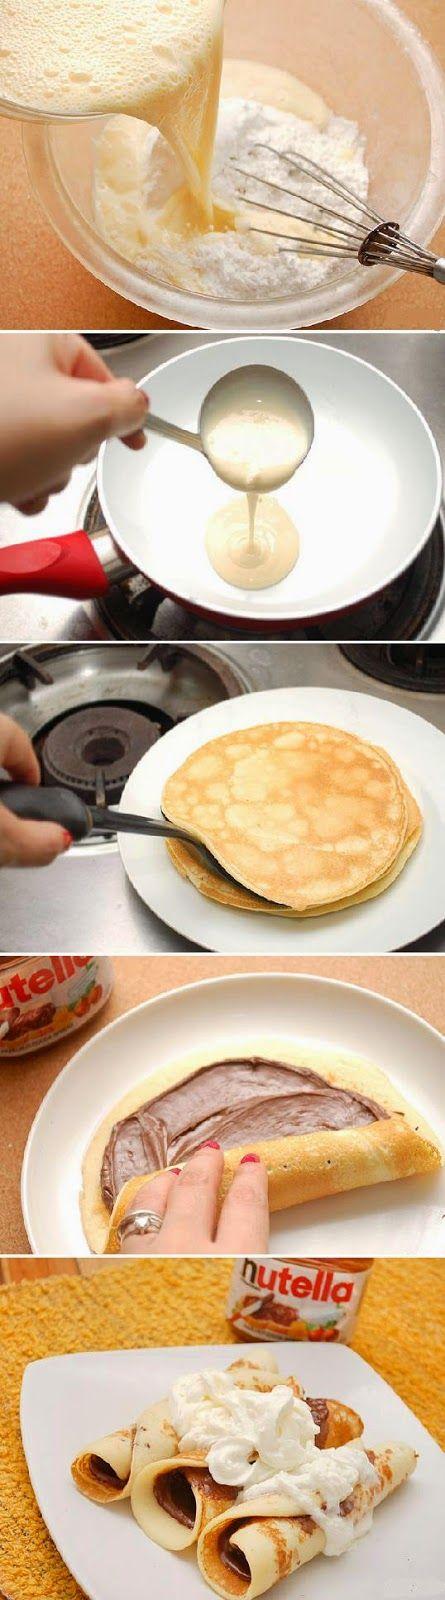 Ingredientes 1 1/8 tazas de harina 1 cucharada de sal pizca de azúcar 3 huevos…